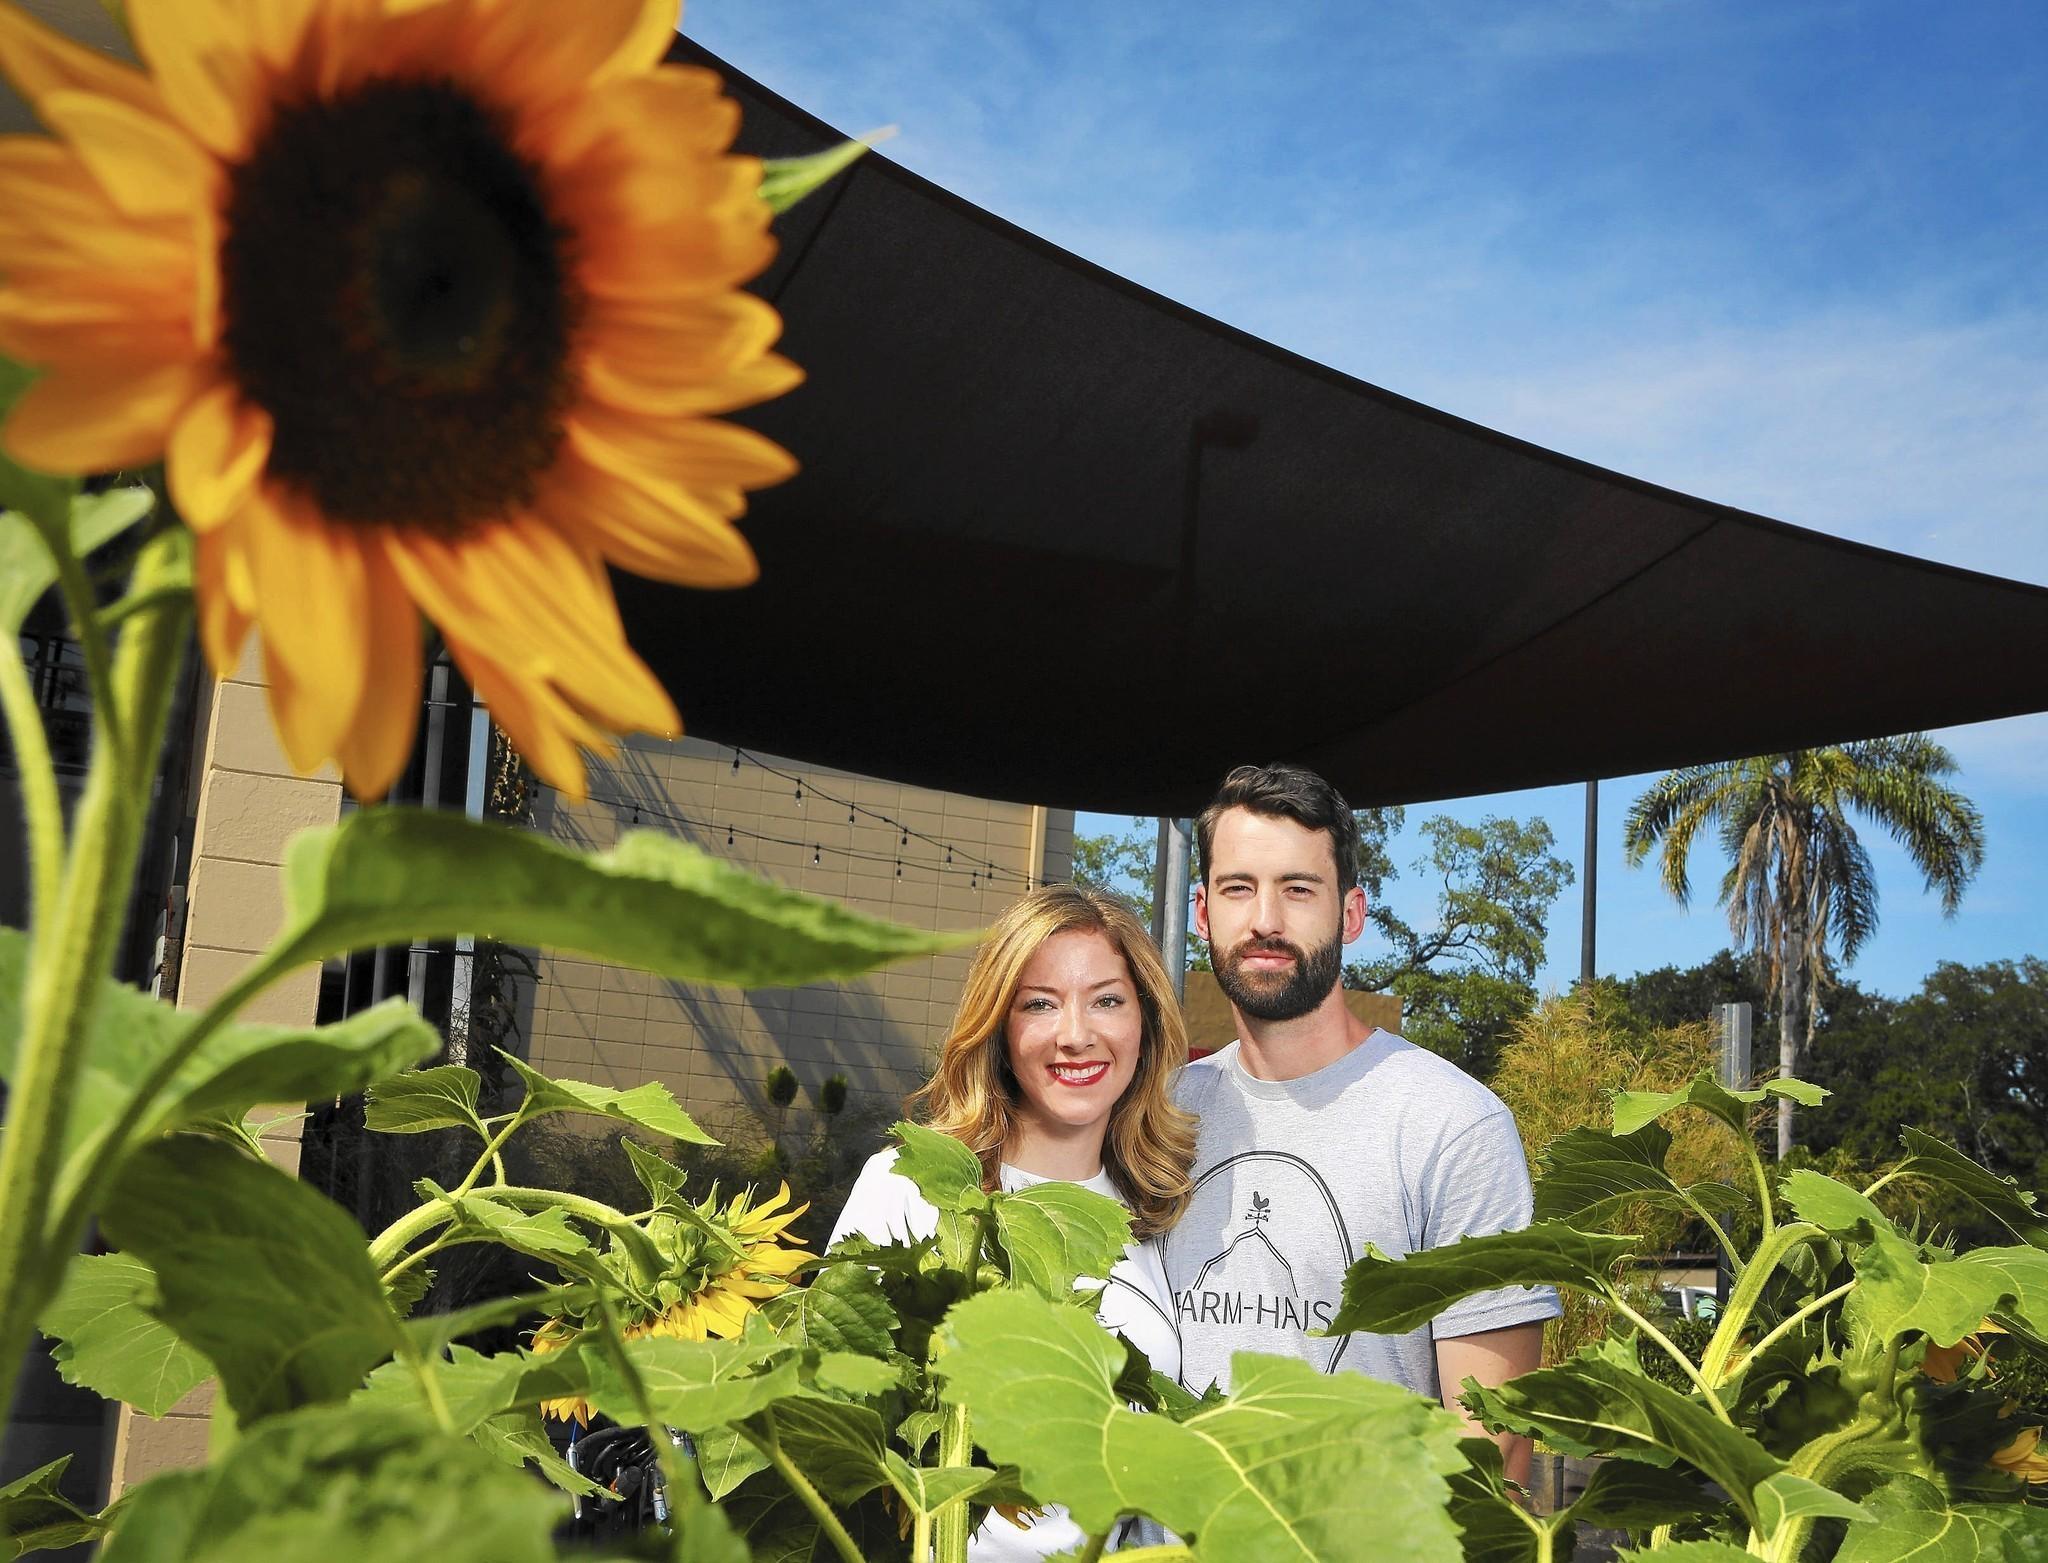 Orlando Haus farm haus redefines food delivery in orlando orlando sentinel